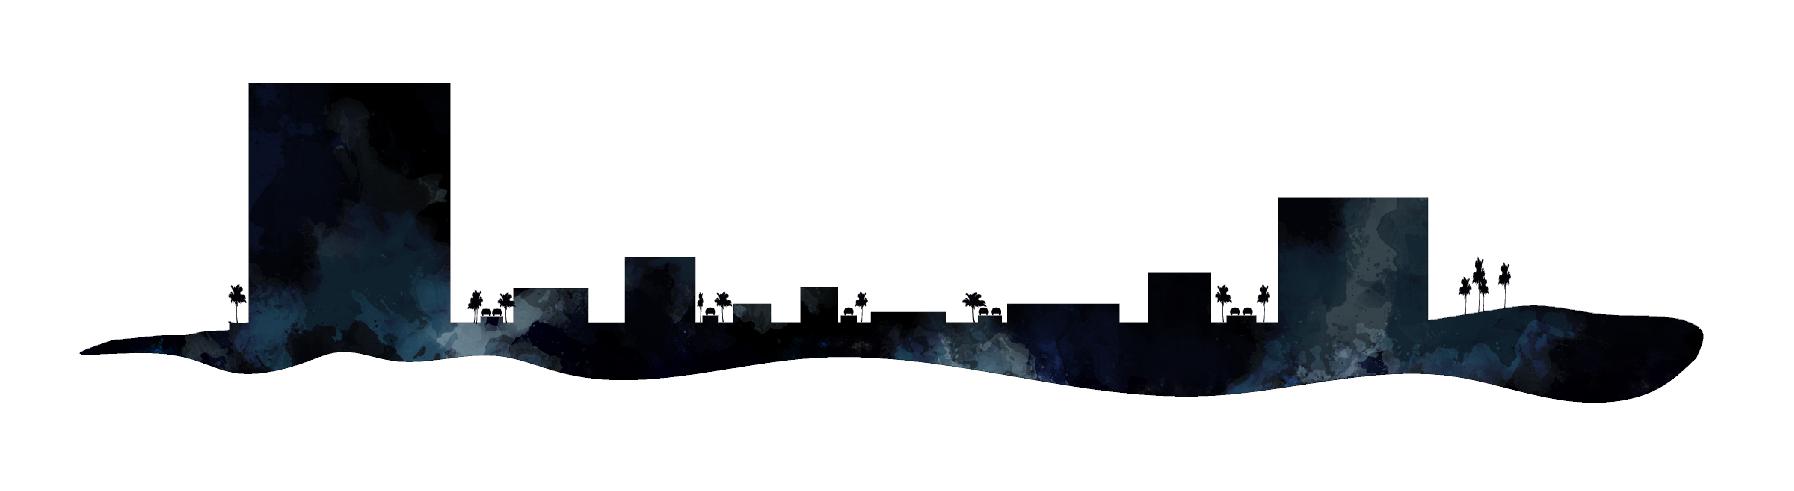 miami-concept-2.jpg